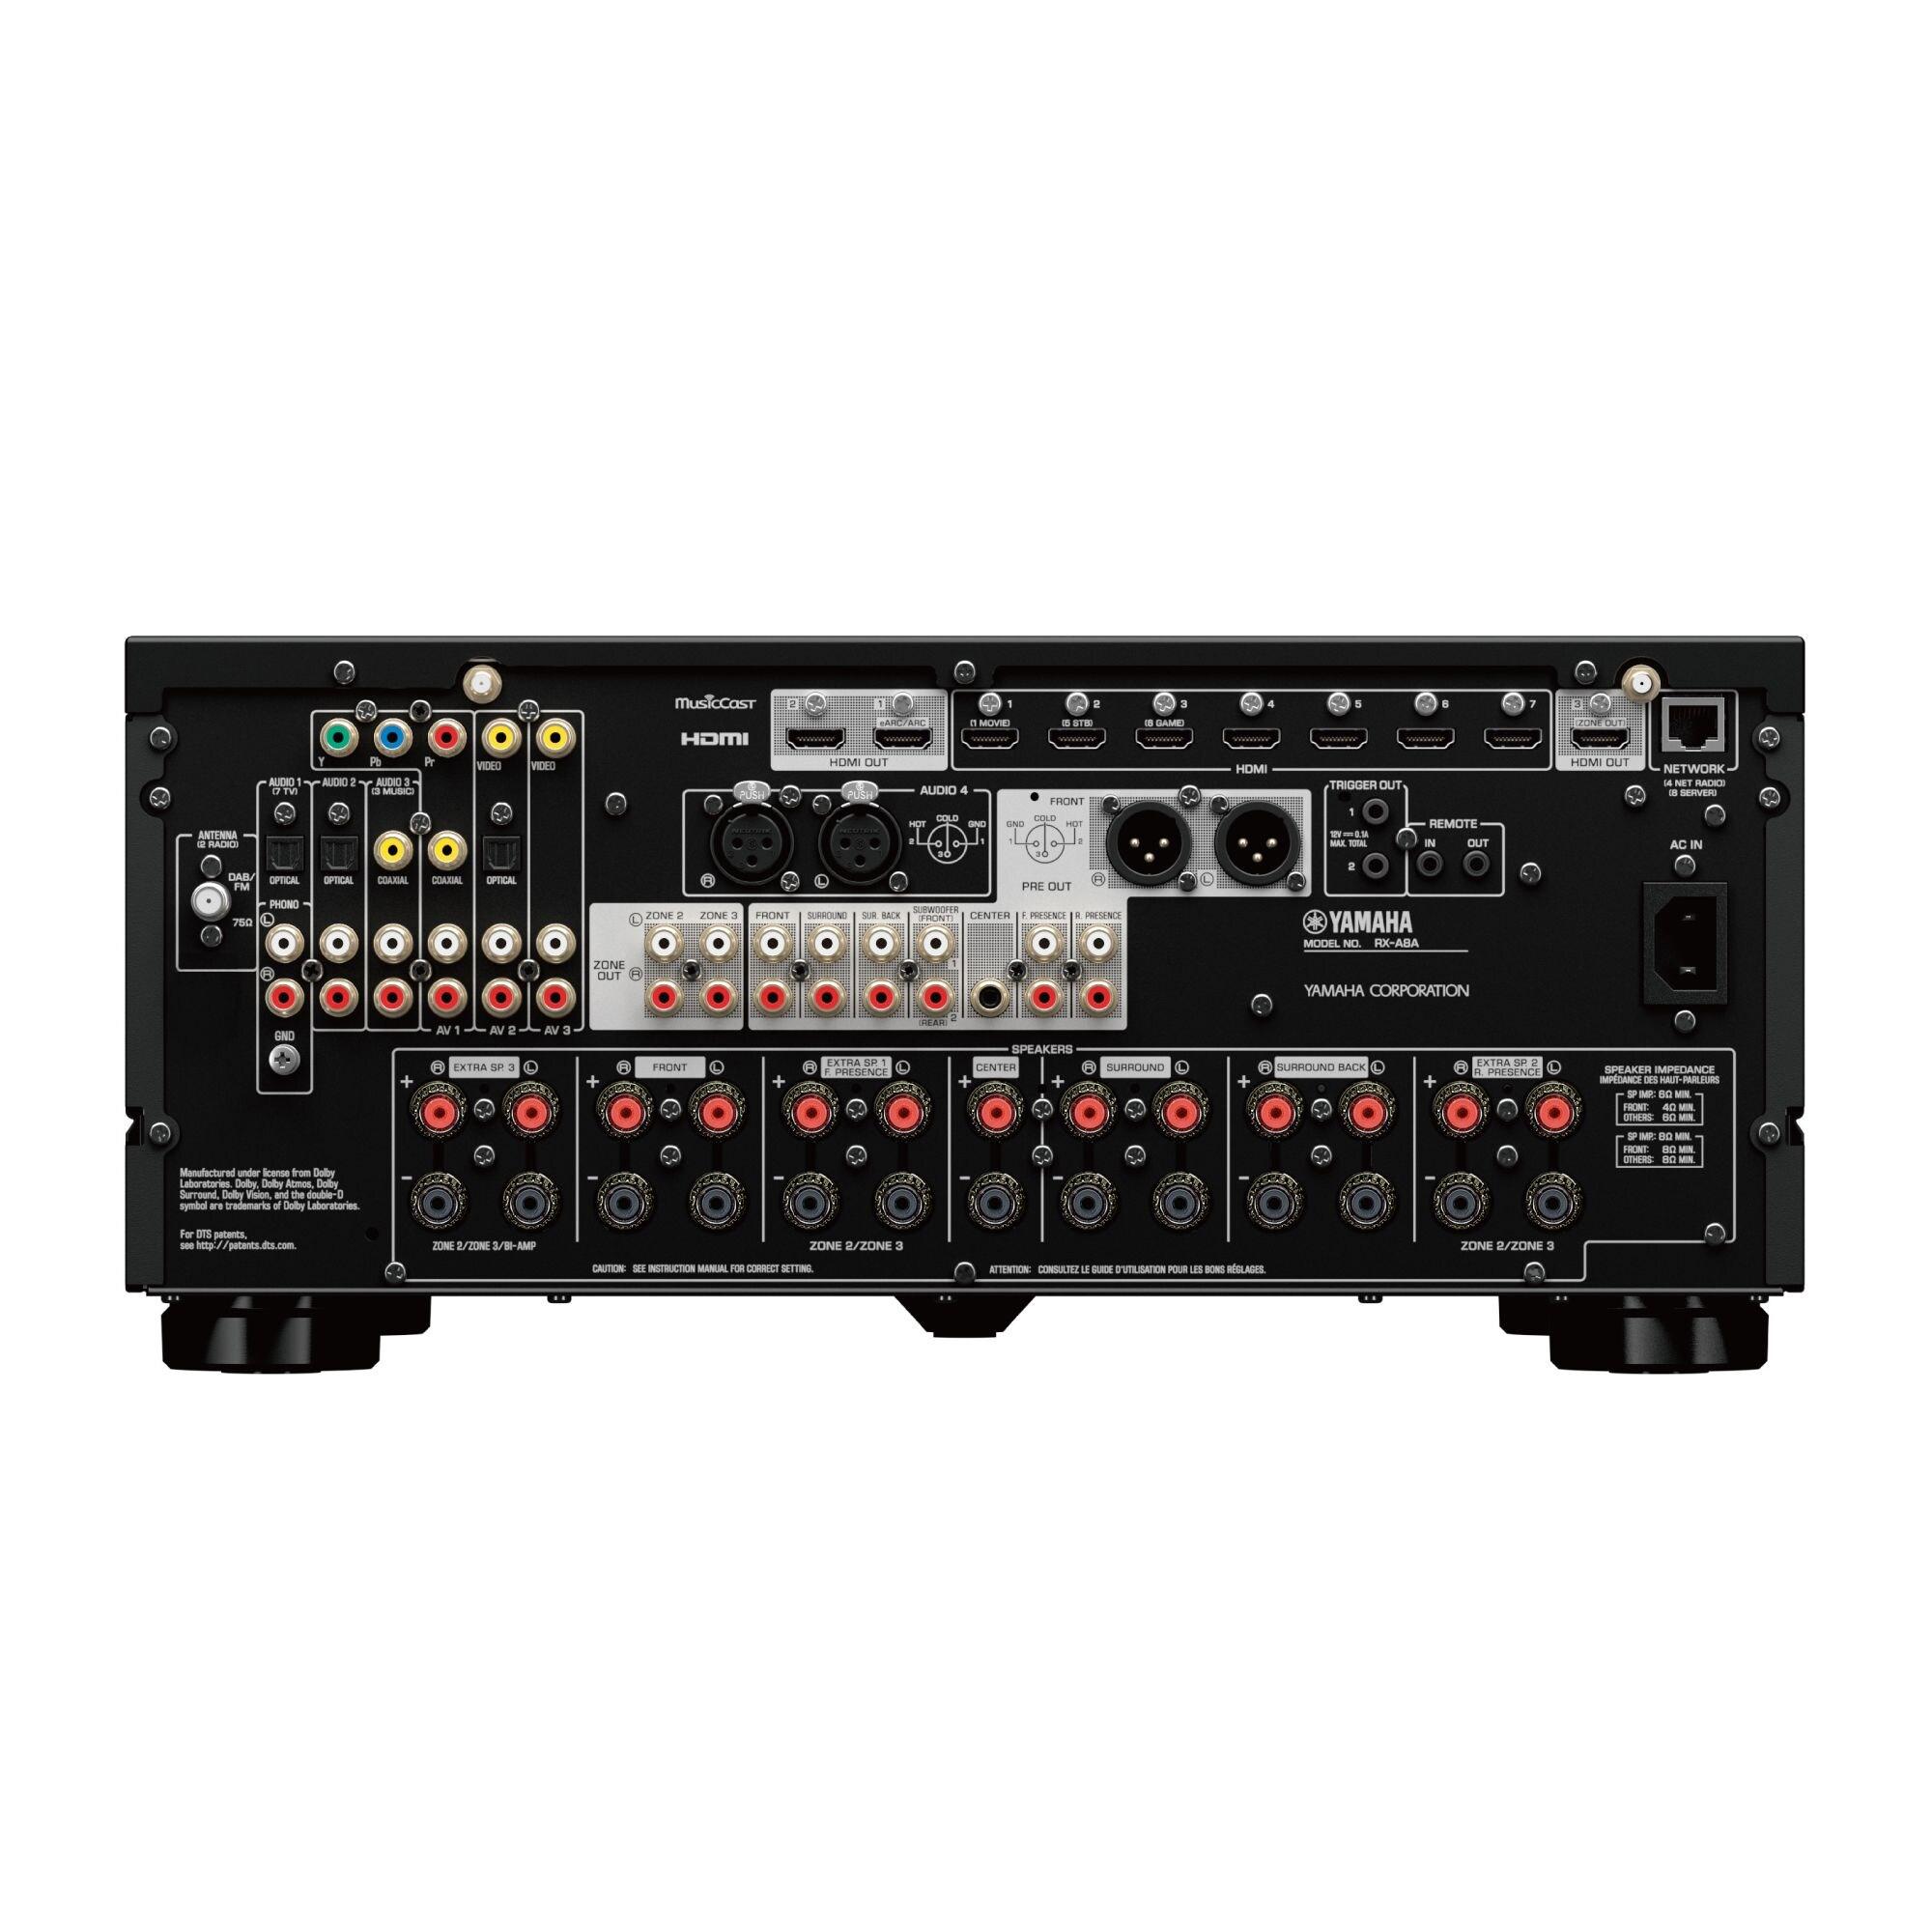 0BF1A94D-987E-4688-82C4-2DA933E90F76.jpeg